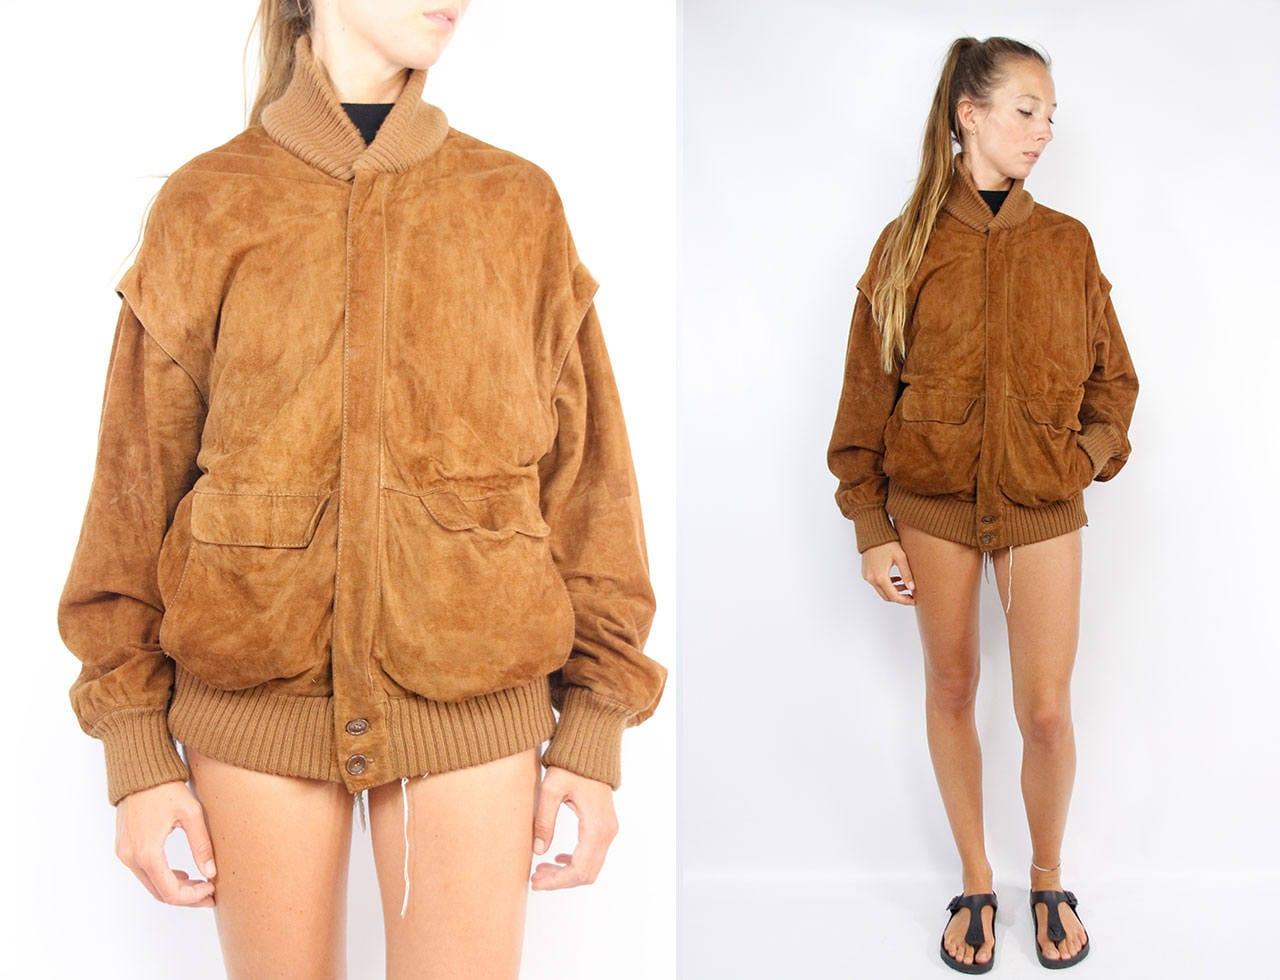 Suede Jacket Brown   Suede Jacket Large   Suede Jacket Women ... 3fd2067cae